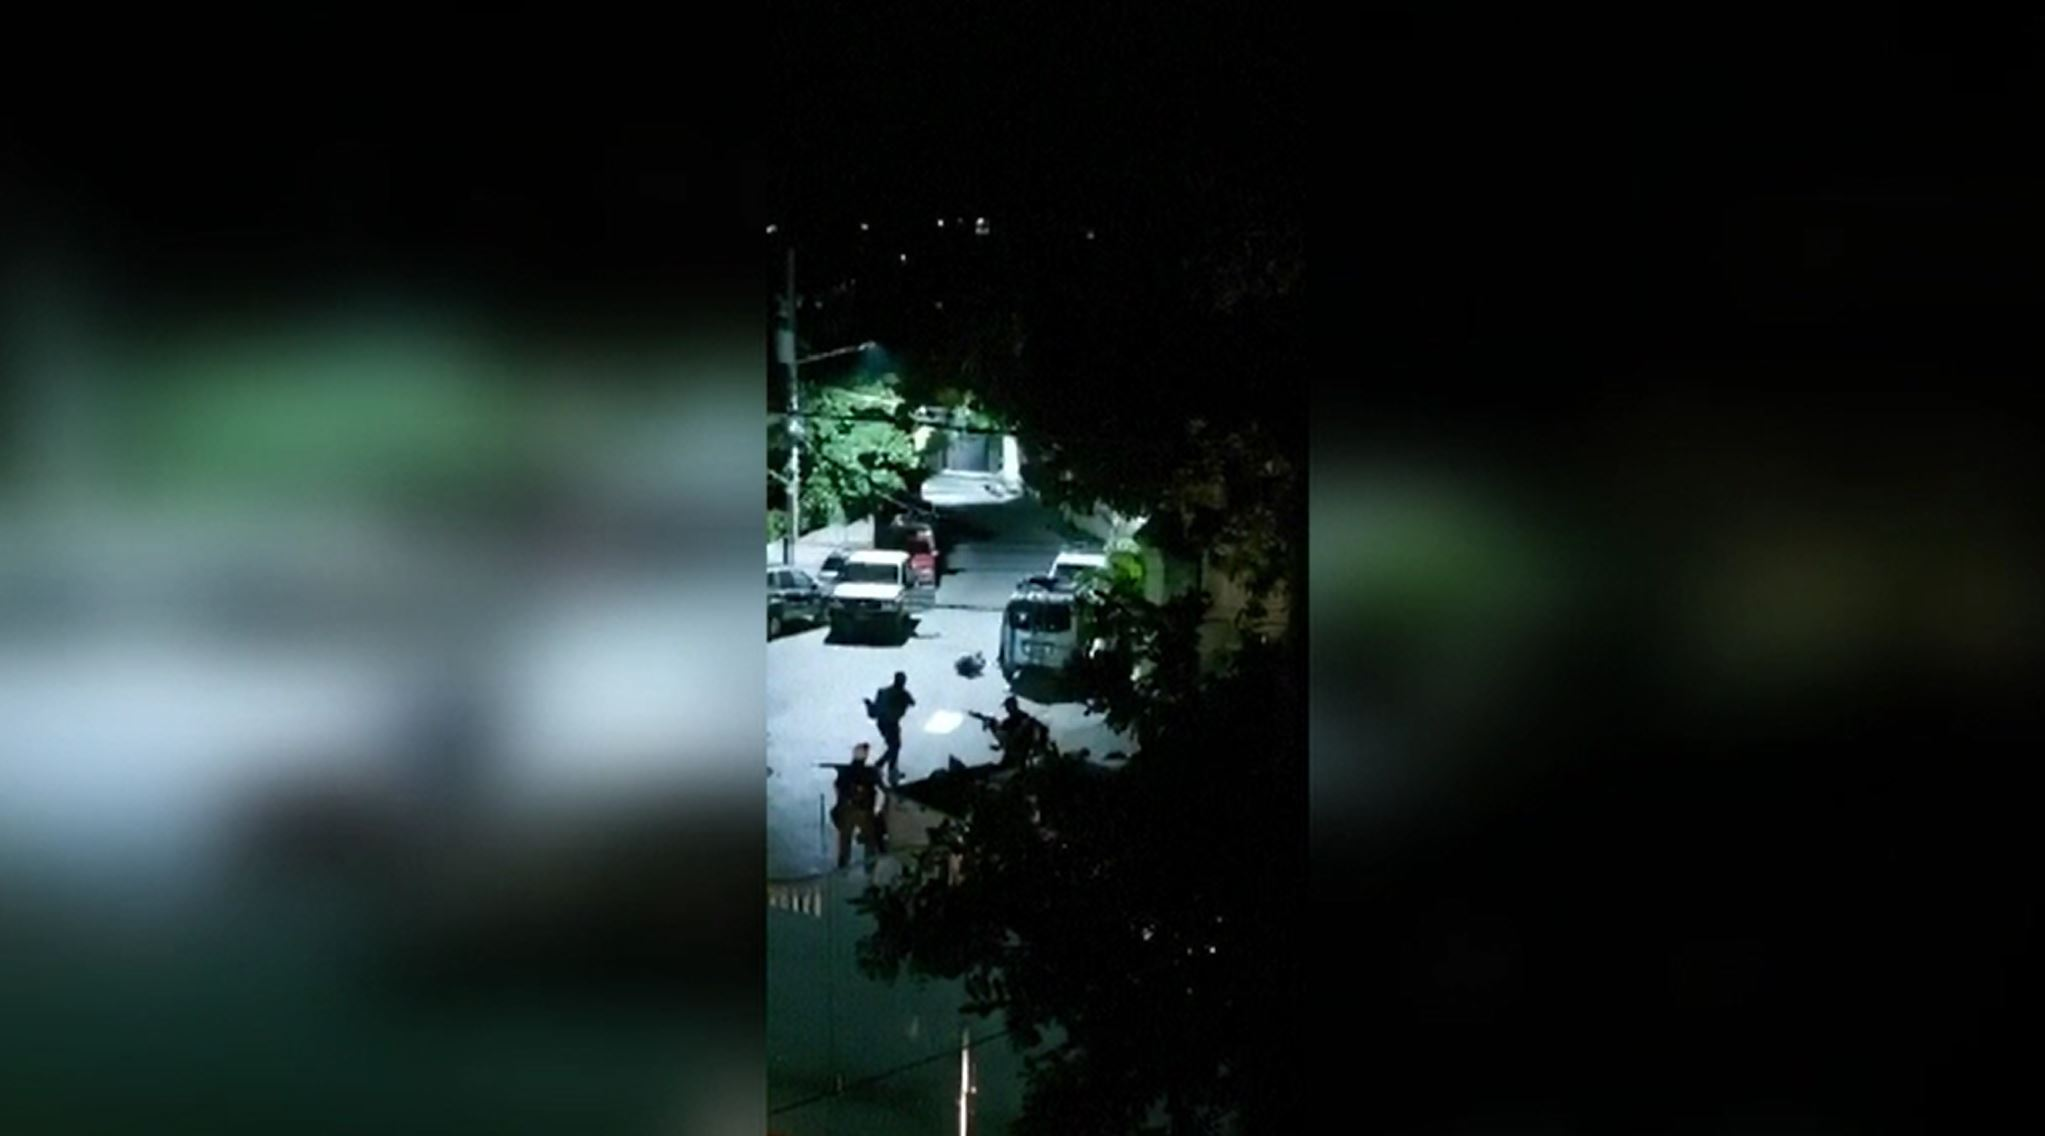 Ce s-a întâmplat cu presupușii asasini ai președintelui din Haiti. Au fost surprinse imagini din timpul operațiunii